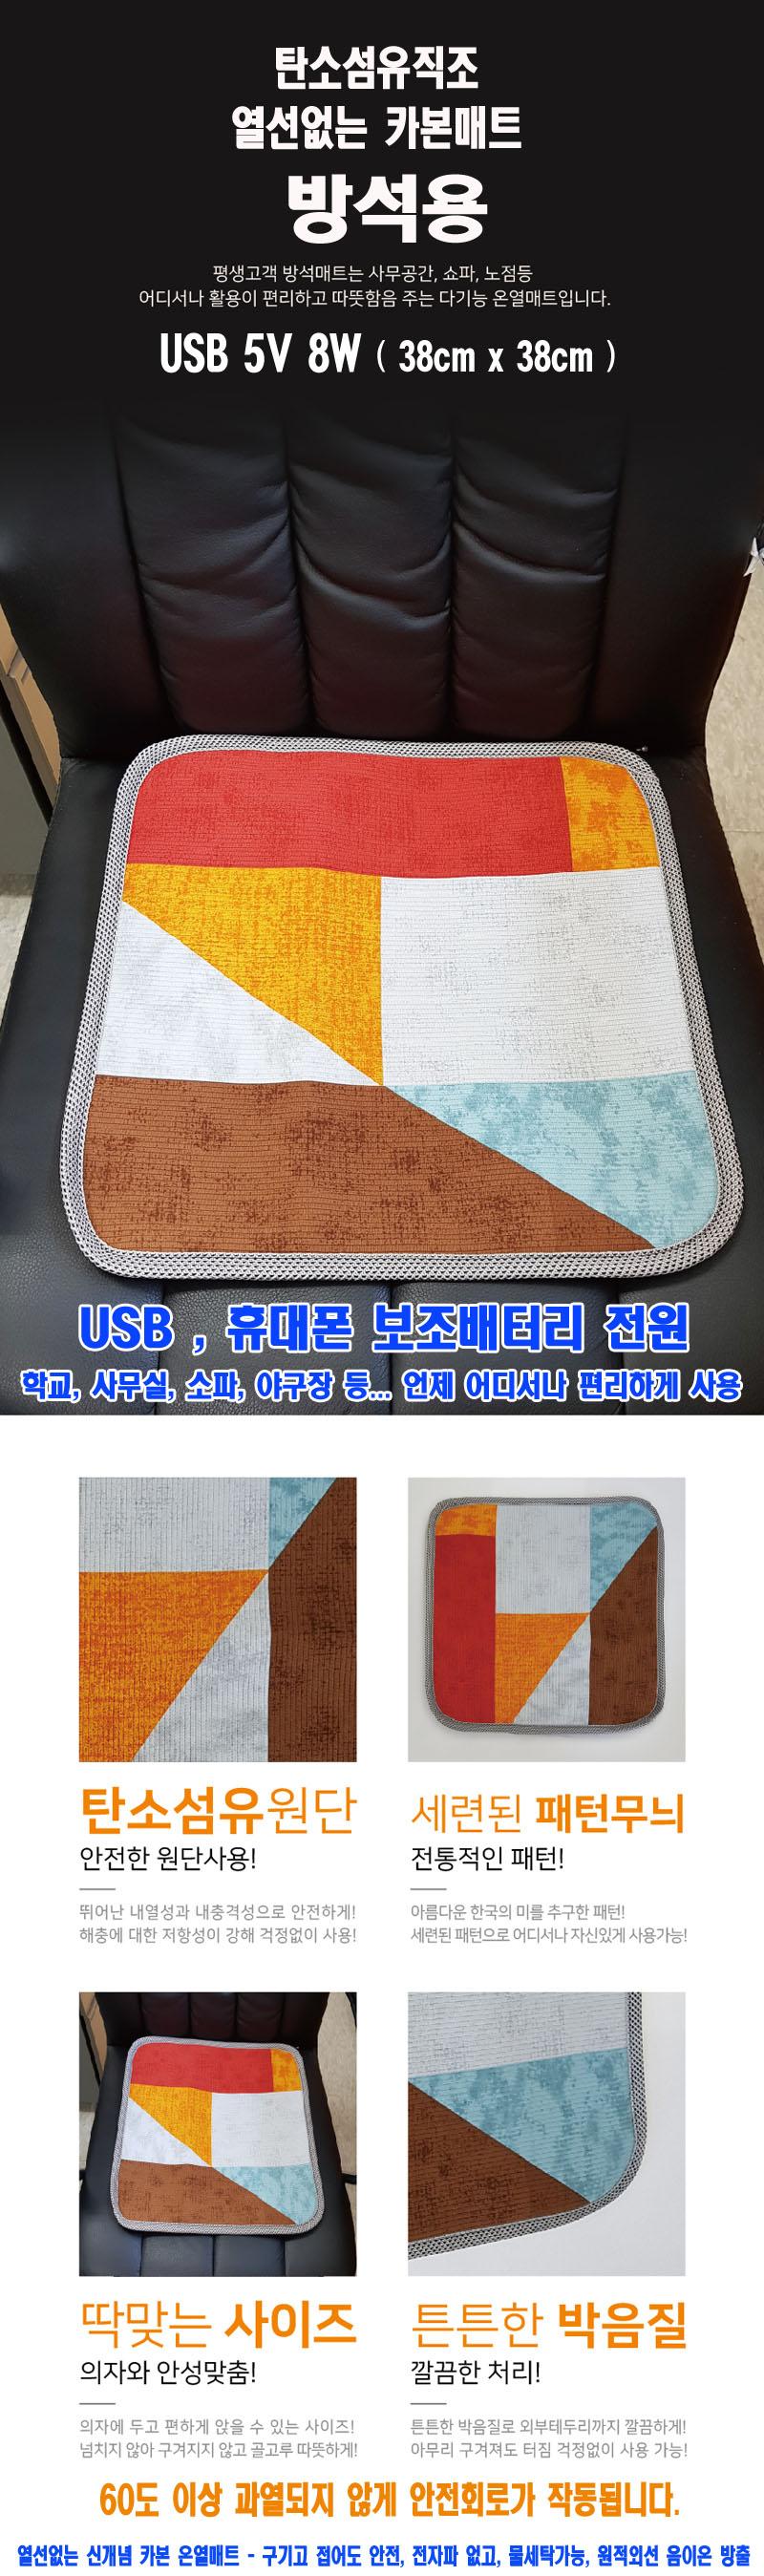 b846682c112f5ff8e5cbe843639763ea_1509677978_7408.jpg